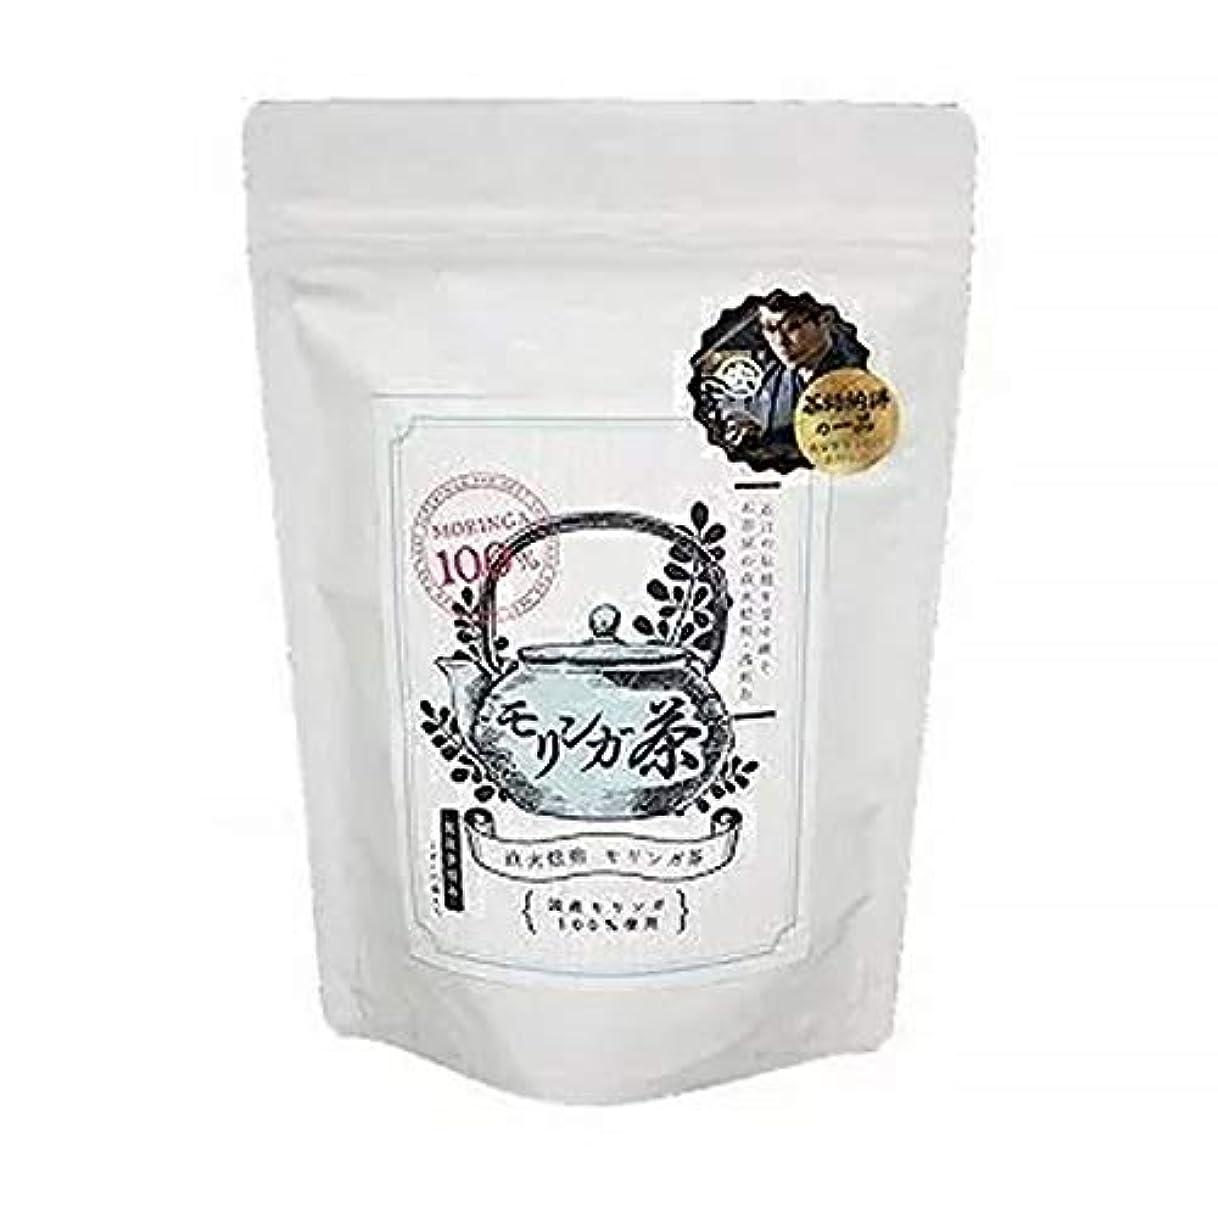 リーンラッシュファンド【日本製】直火焙煎 モリンガ茶 MRG003 30袋入国産 モリンガ使用 直火焙煎 水出しOK ティーパッグタイプ 美容 健康 お茶 ビューティーワールド